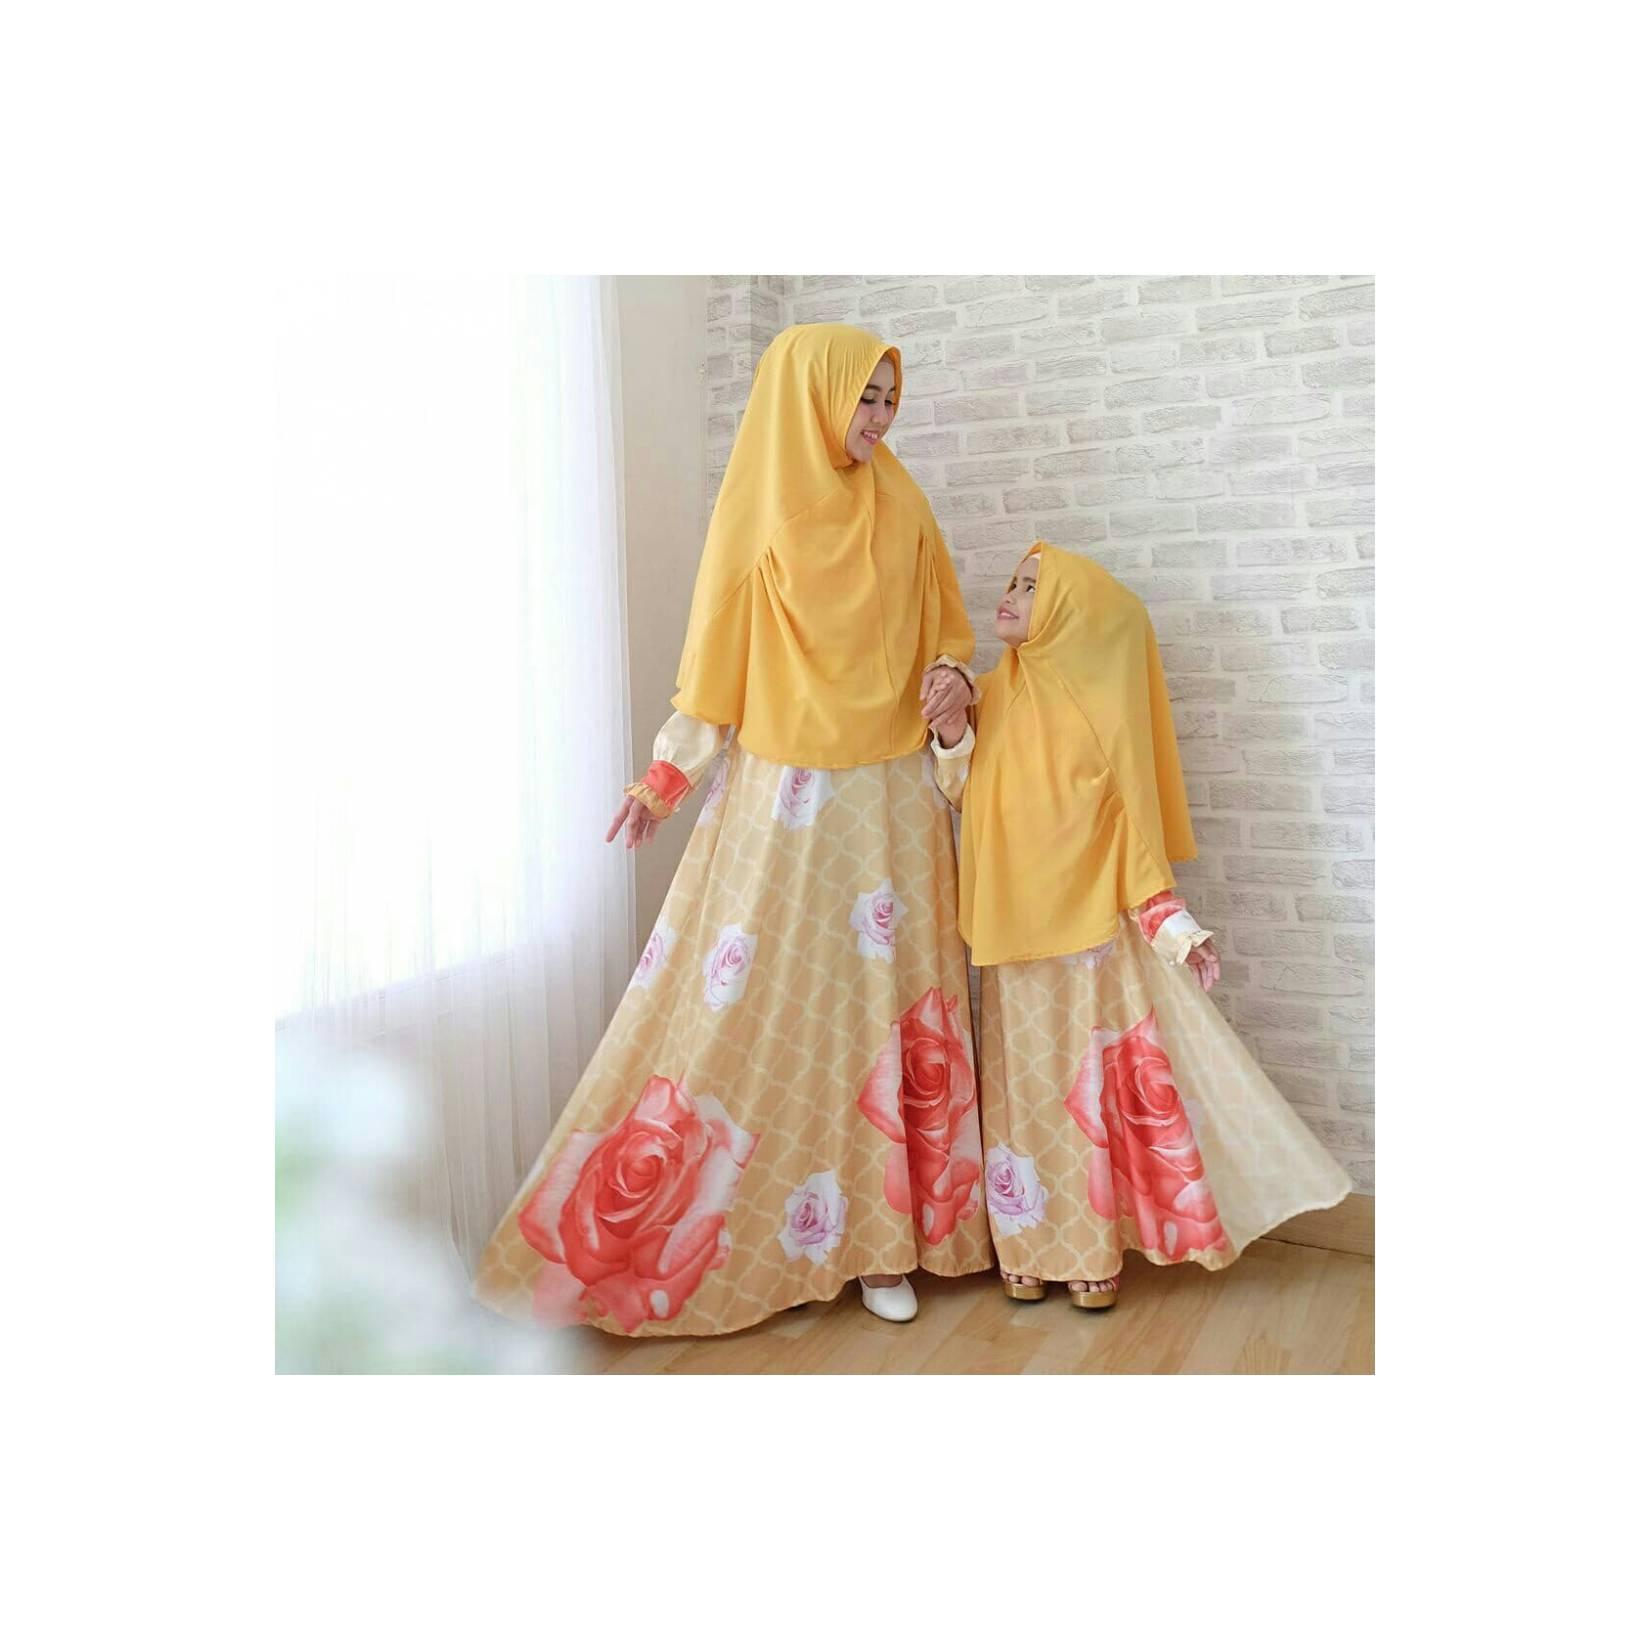 01. couple syari mk jamilah kuning 260.000 Bahan maxmara luxury. Lingk